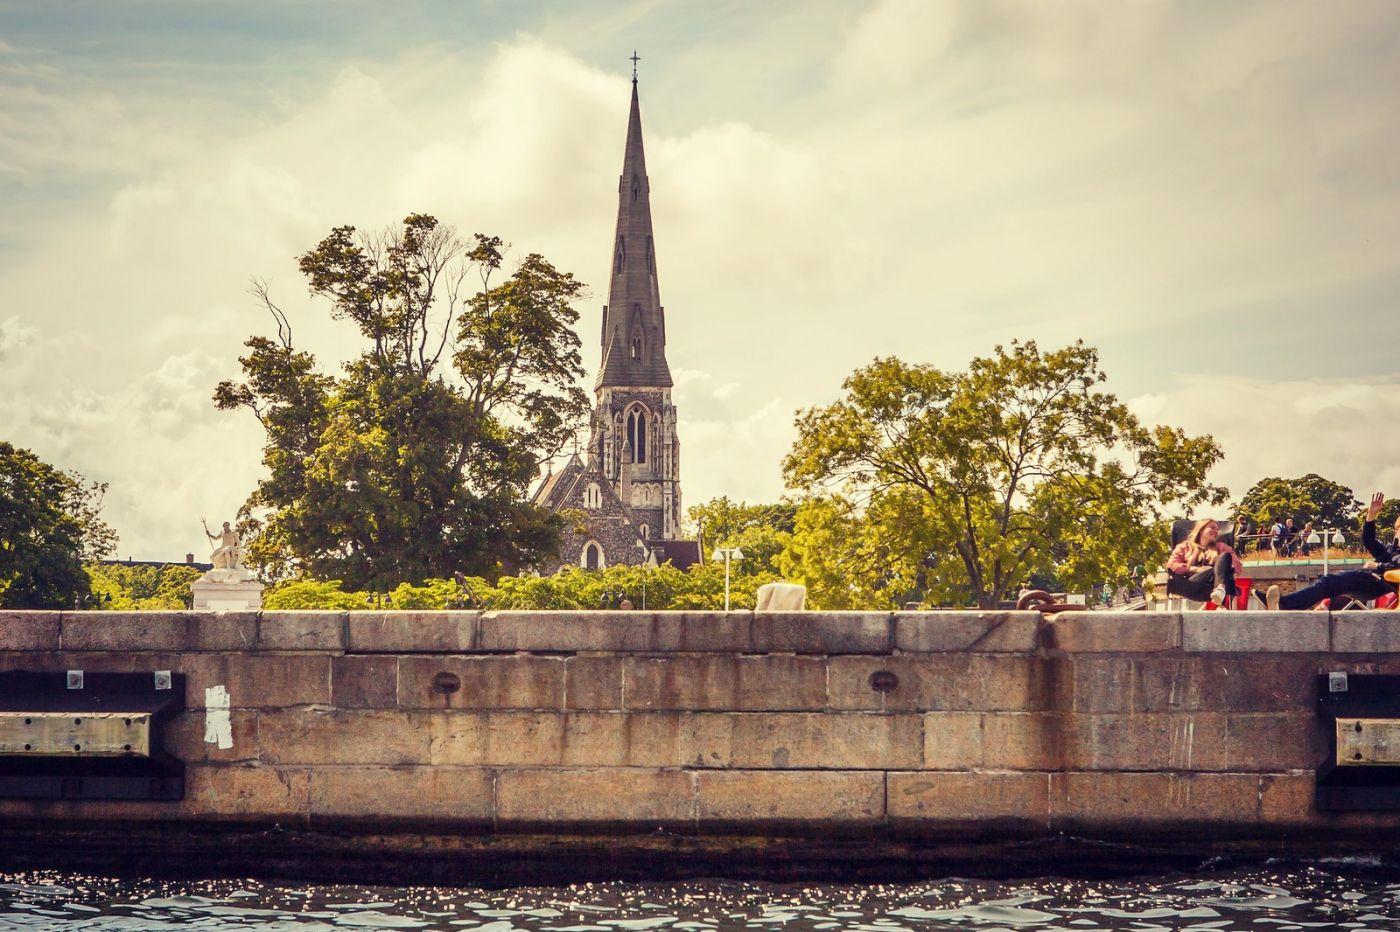 丹麦哥本哈根,新旧融合的城市_图1-31